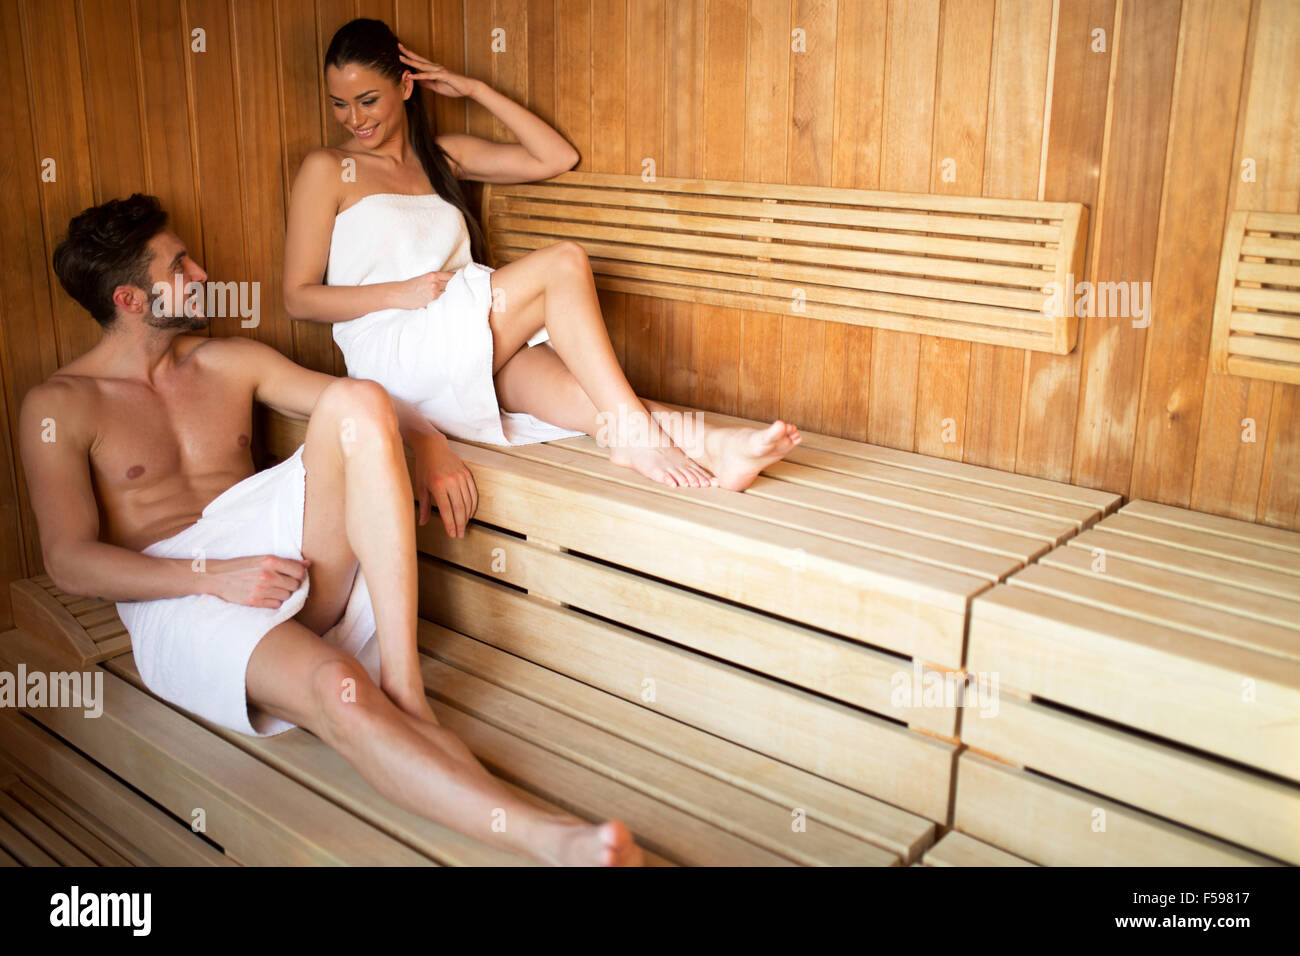 Jung und schön paar entspannende und Talkingin eine Sauna mit Handtuch vertuschen ihre Körper Stockbild